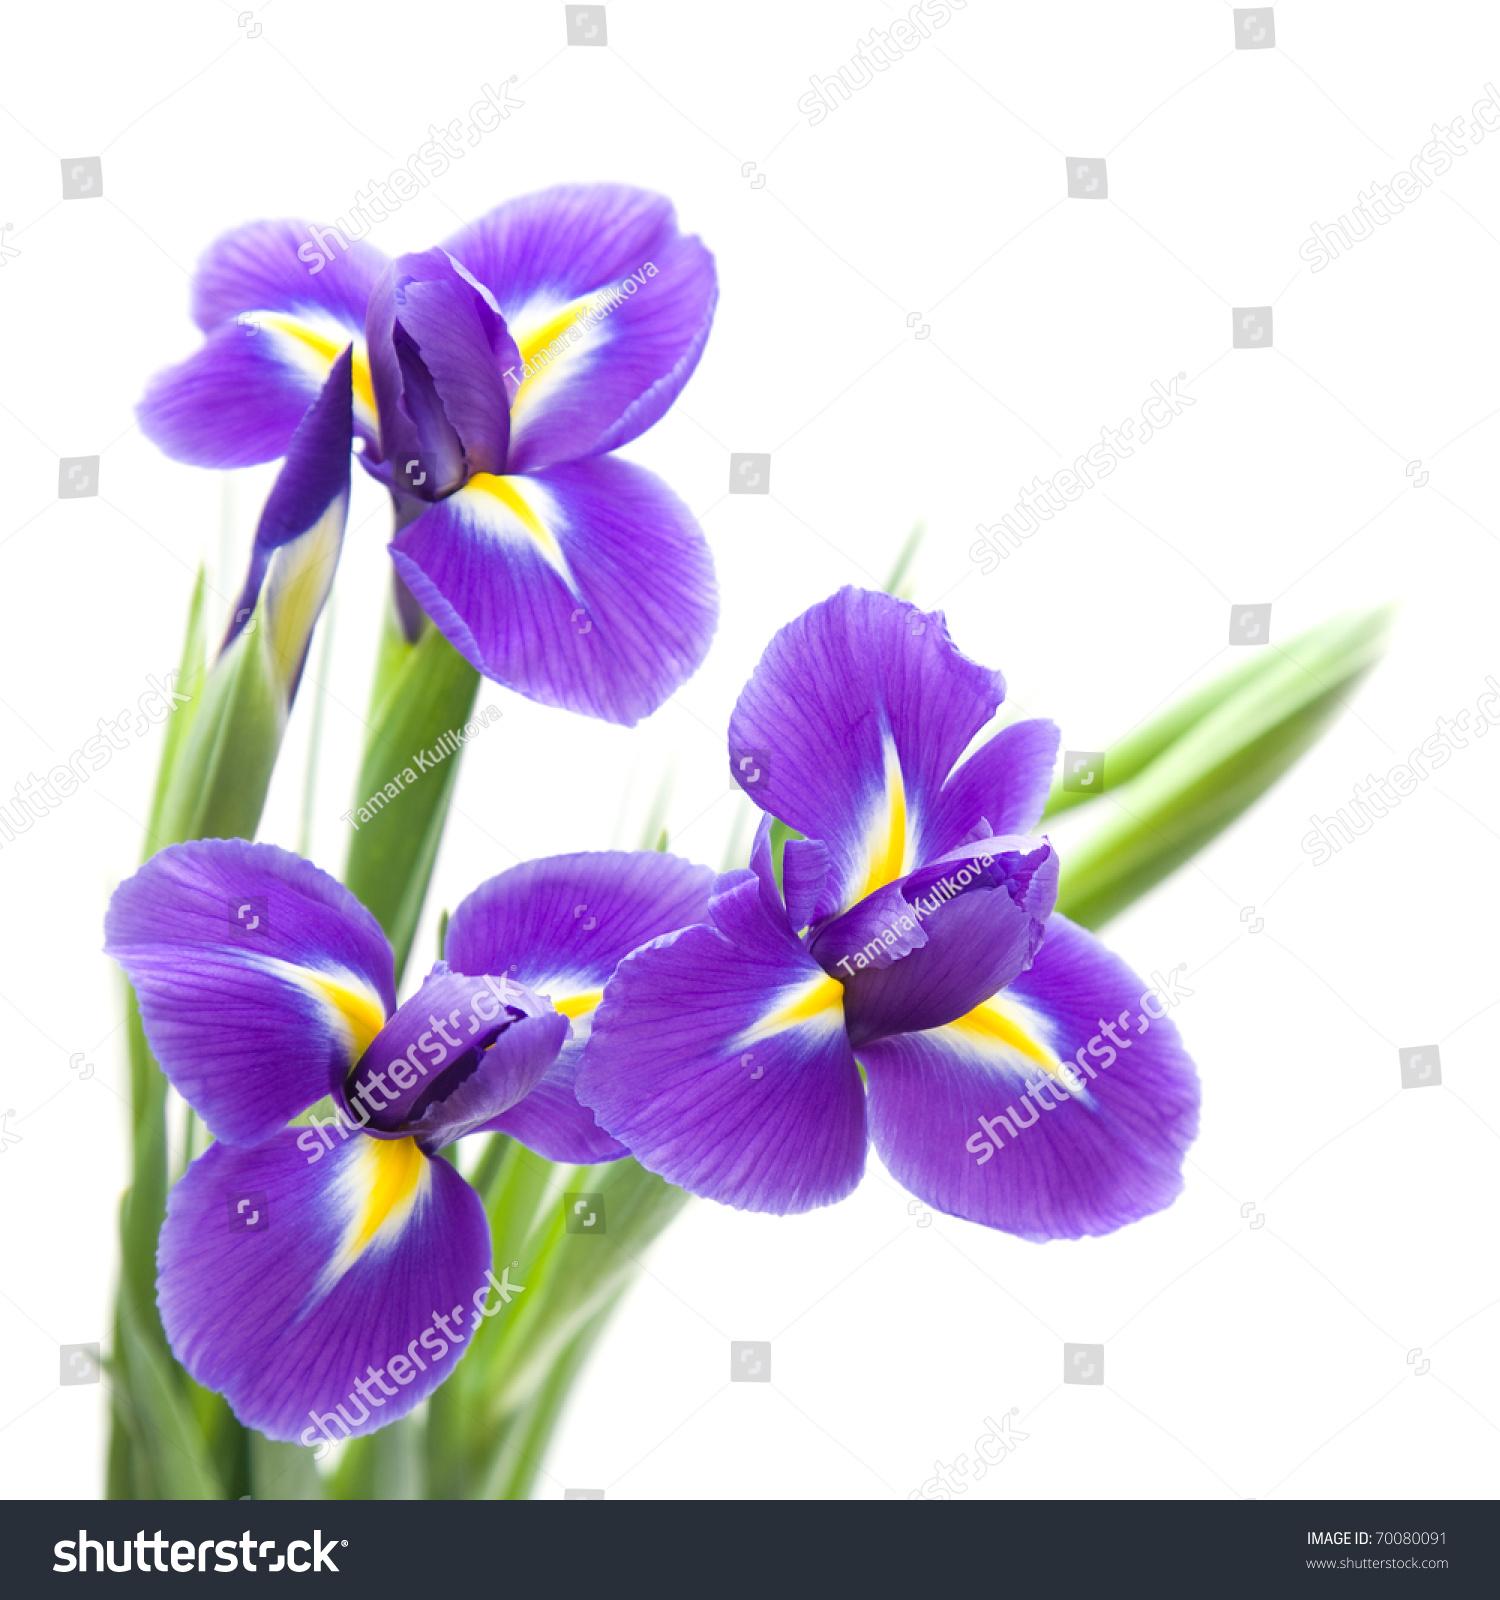 Beautiful dark purple iris flower isolated stock photo 70080091 beautiful dark purple iris flower isolated on white background biocorpaavc